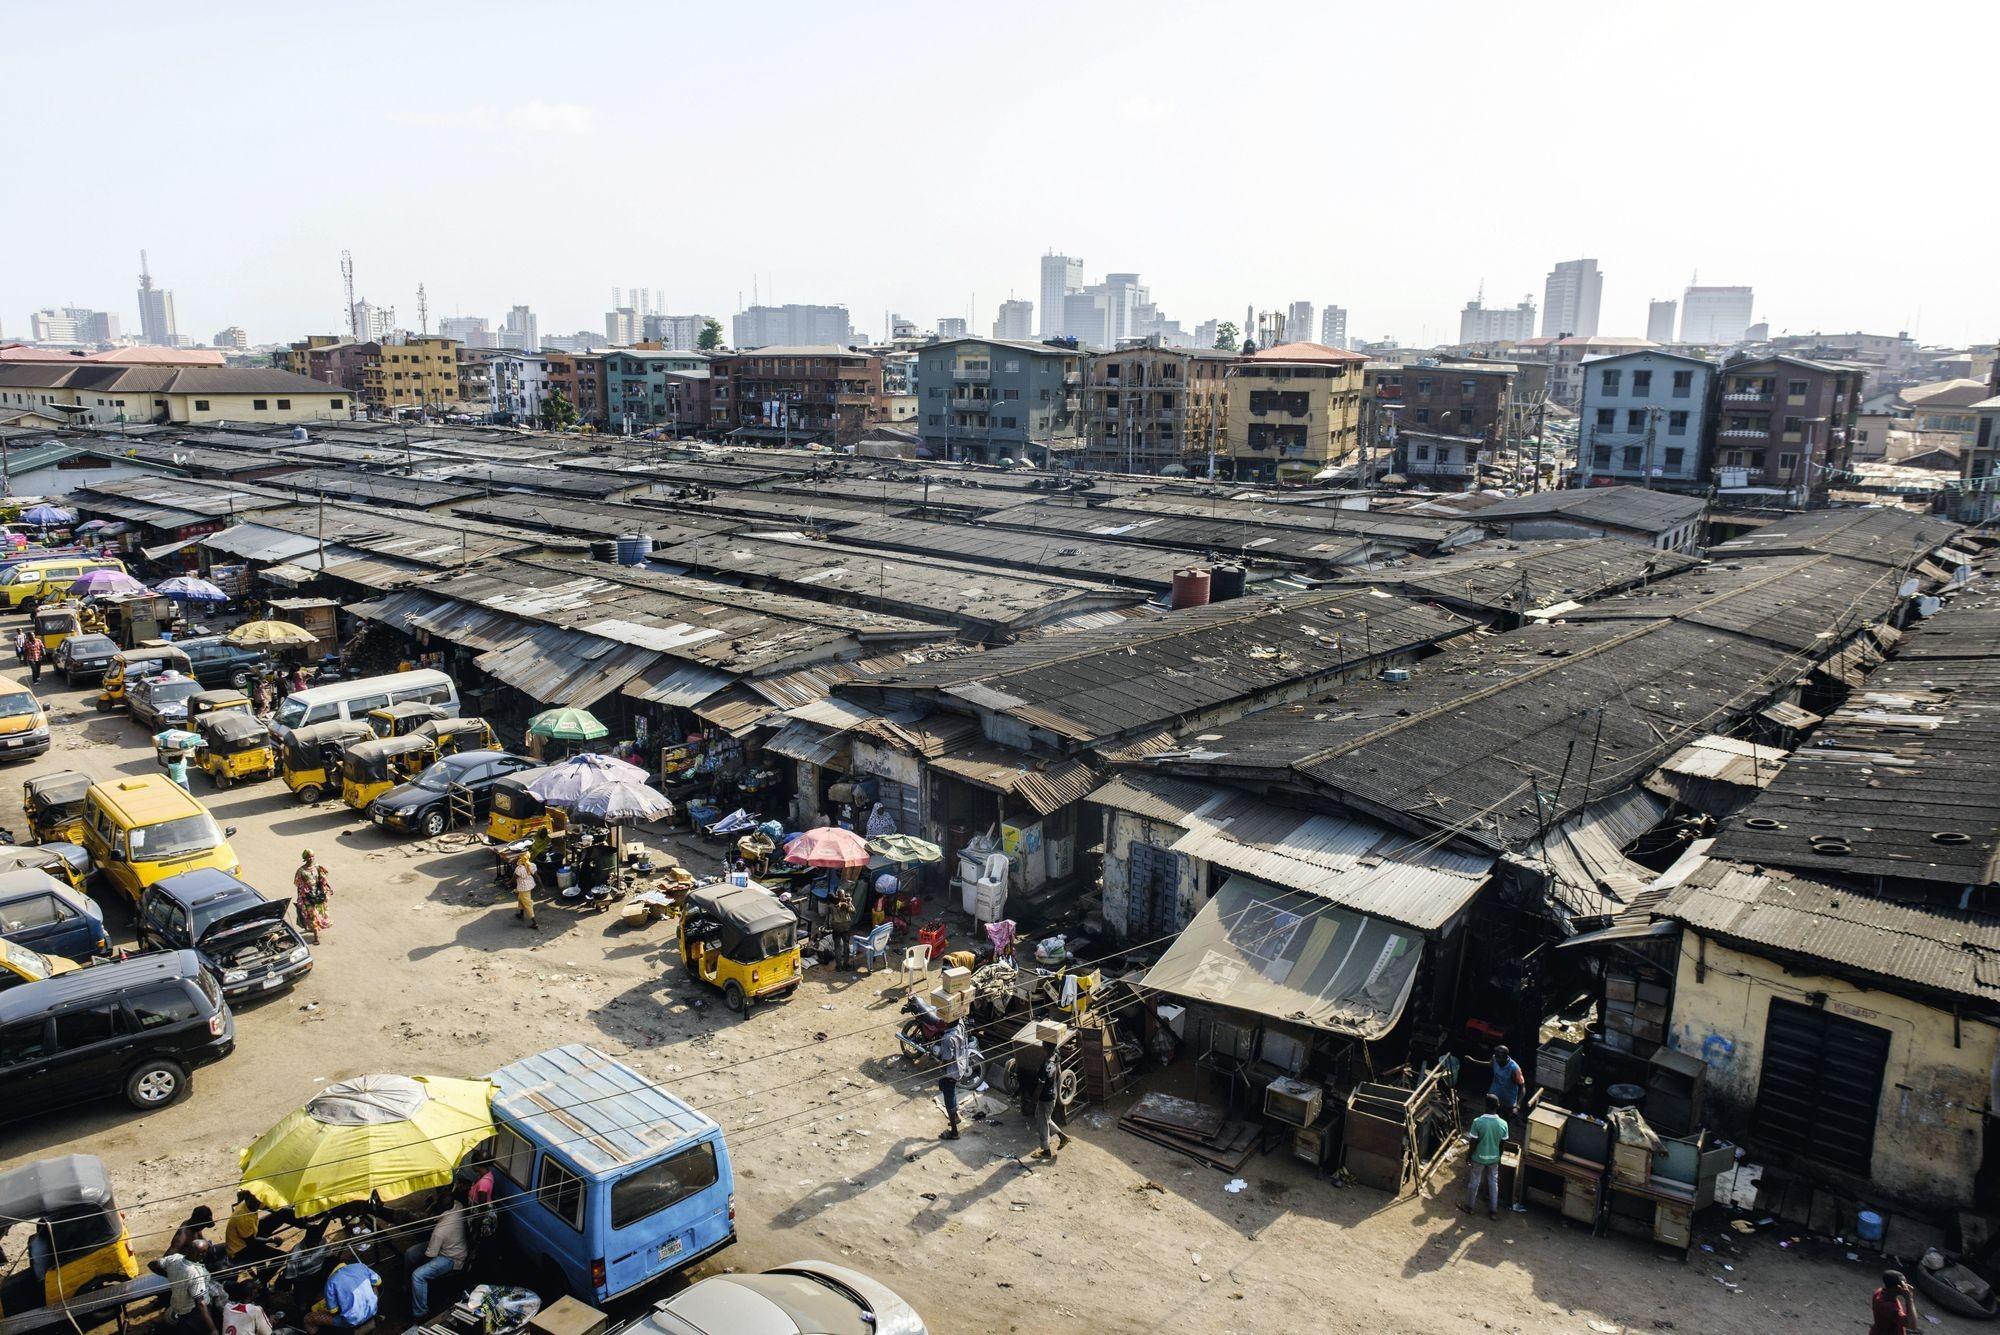 Lagos Une métropole marquée par de fortes inégalités